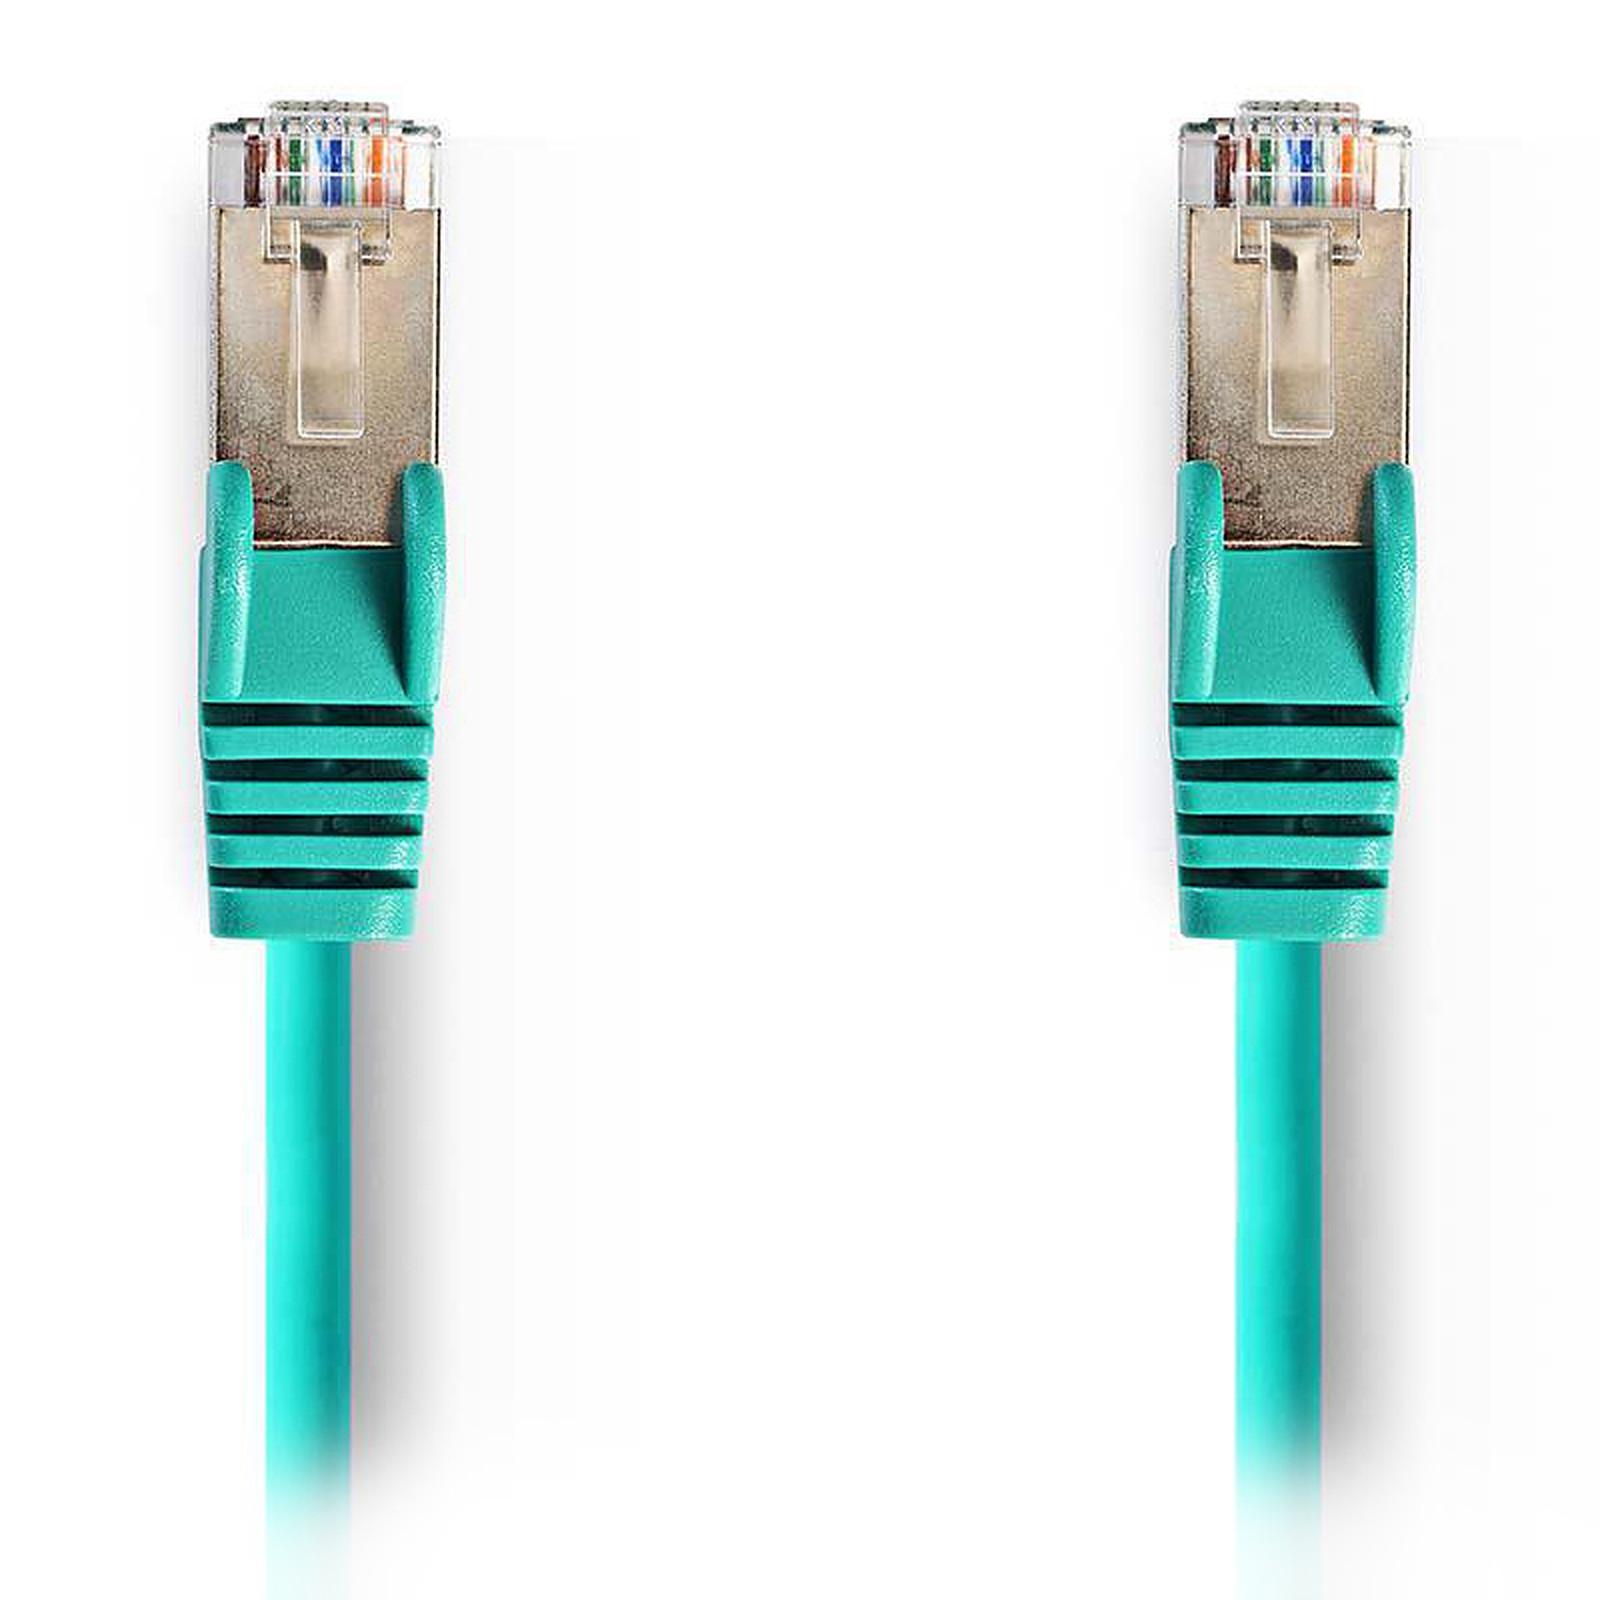 Nedis RJ45 categoría de cable 5e SF/UTP 1,5 m (Verde)